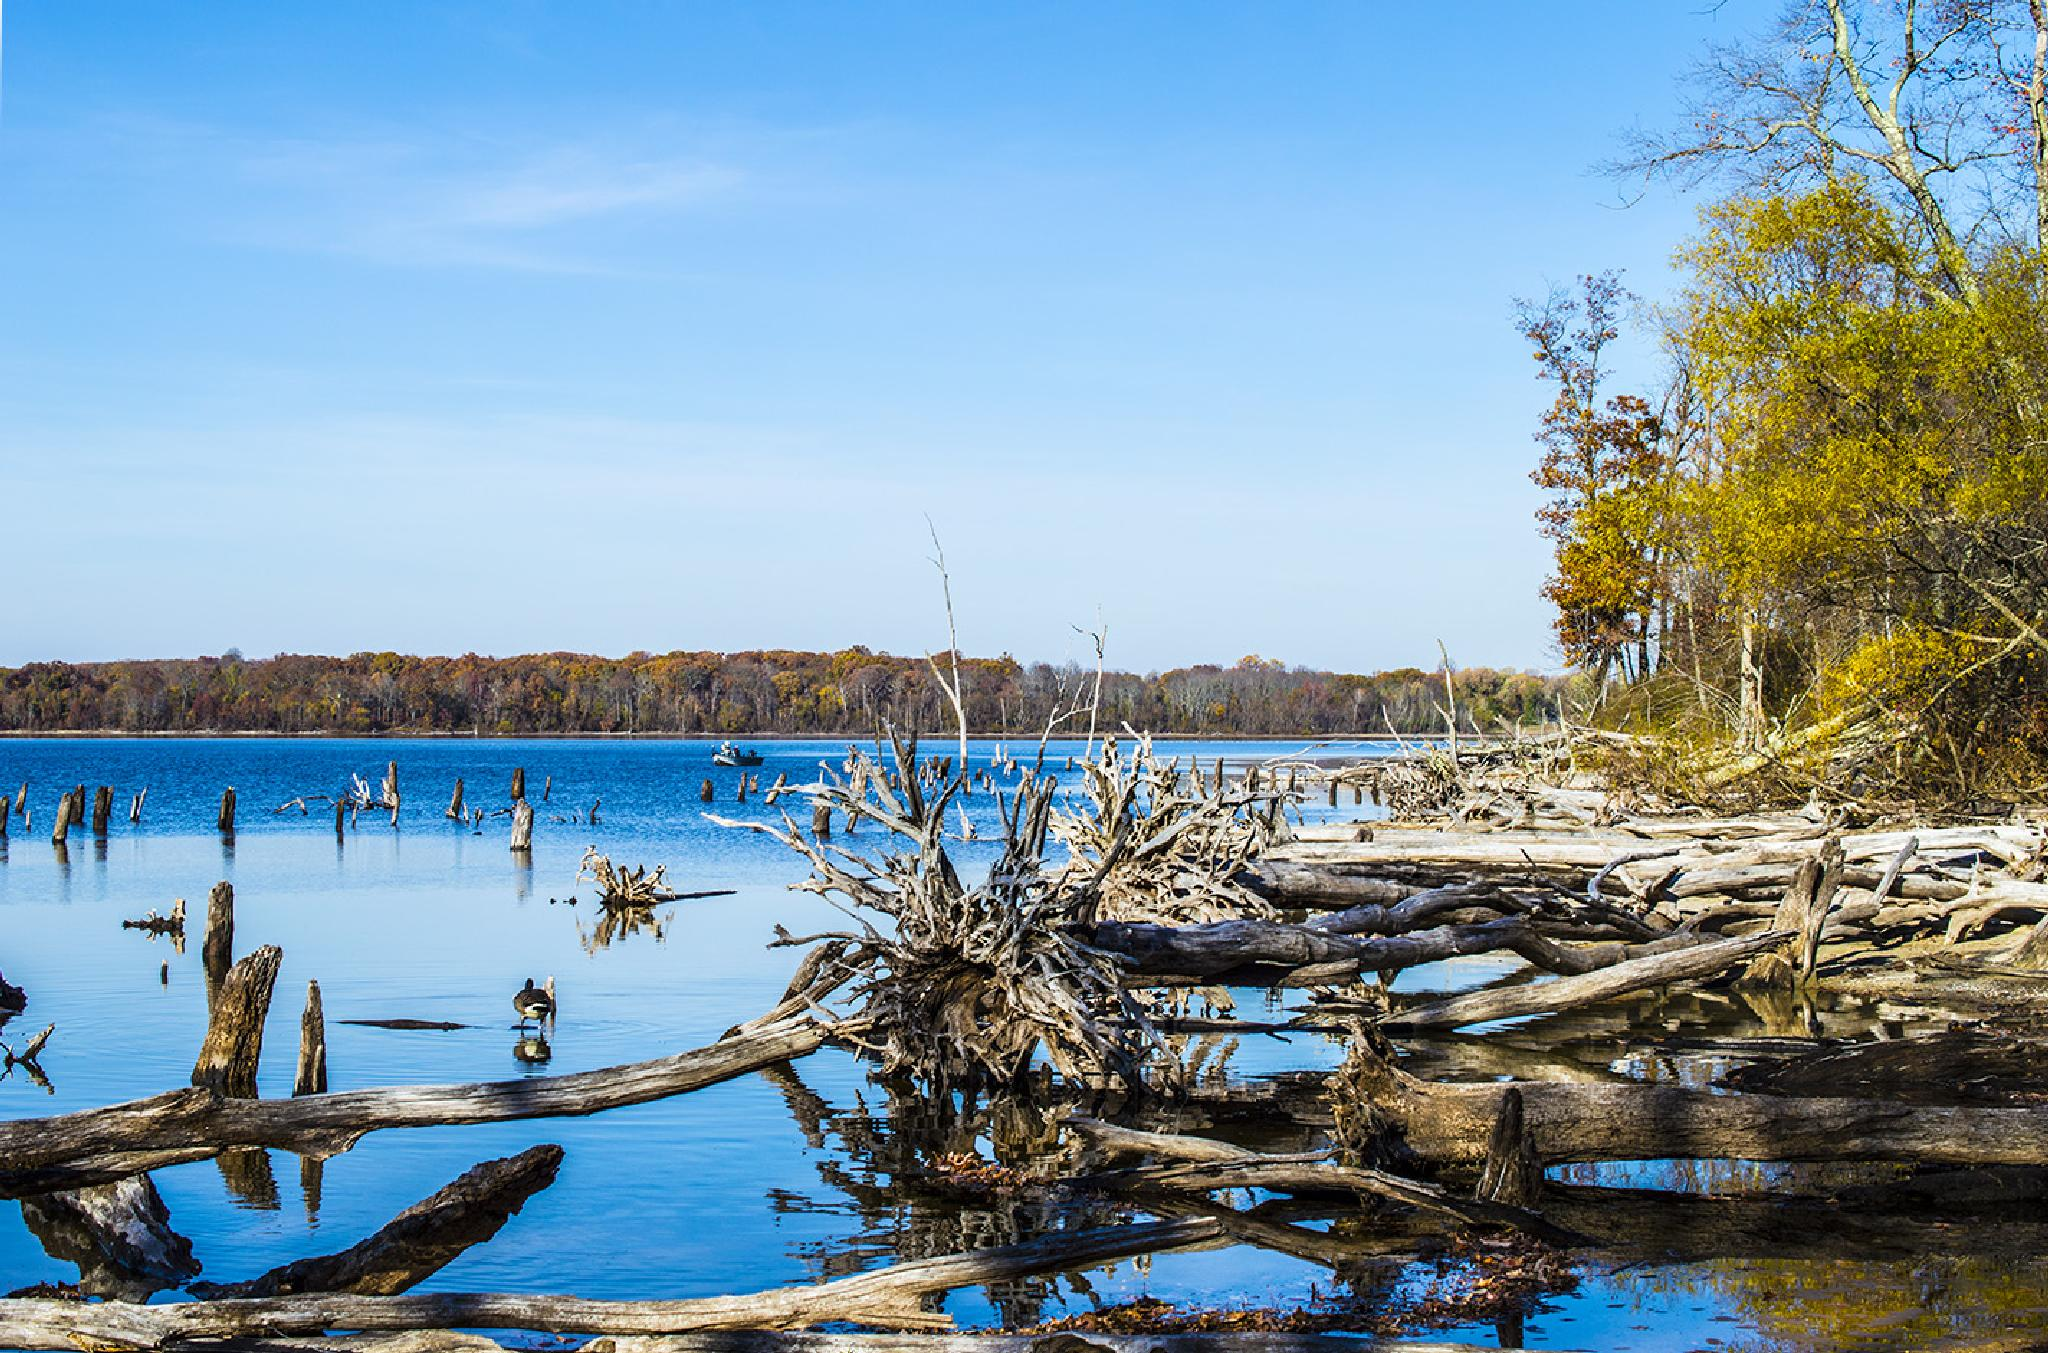 Lake of Stumps by Daniel Franklin